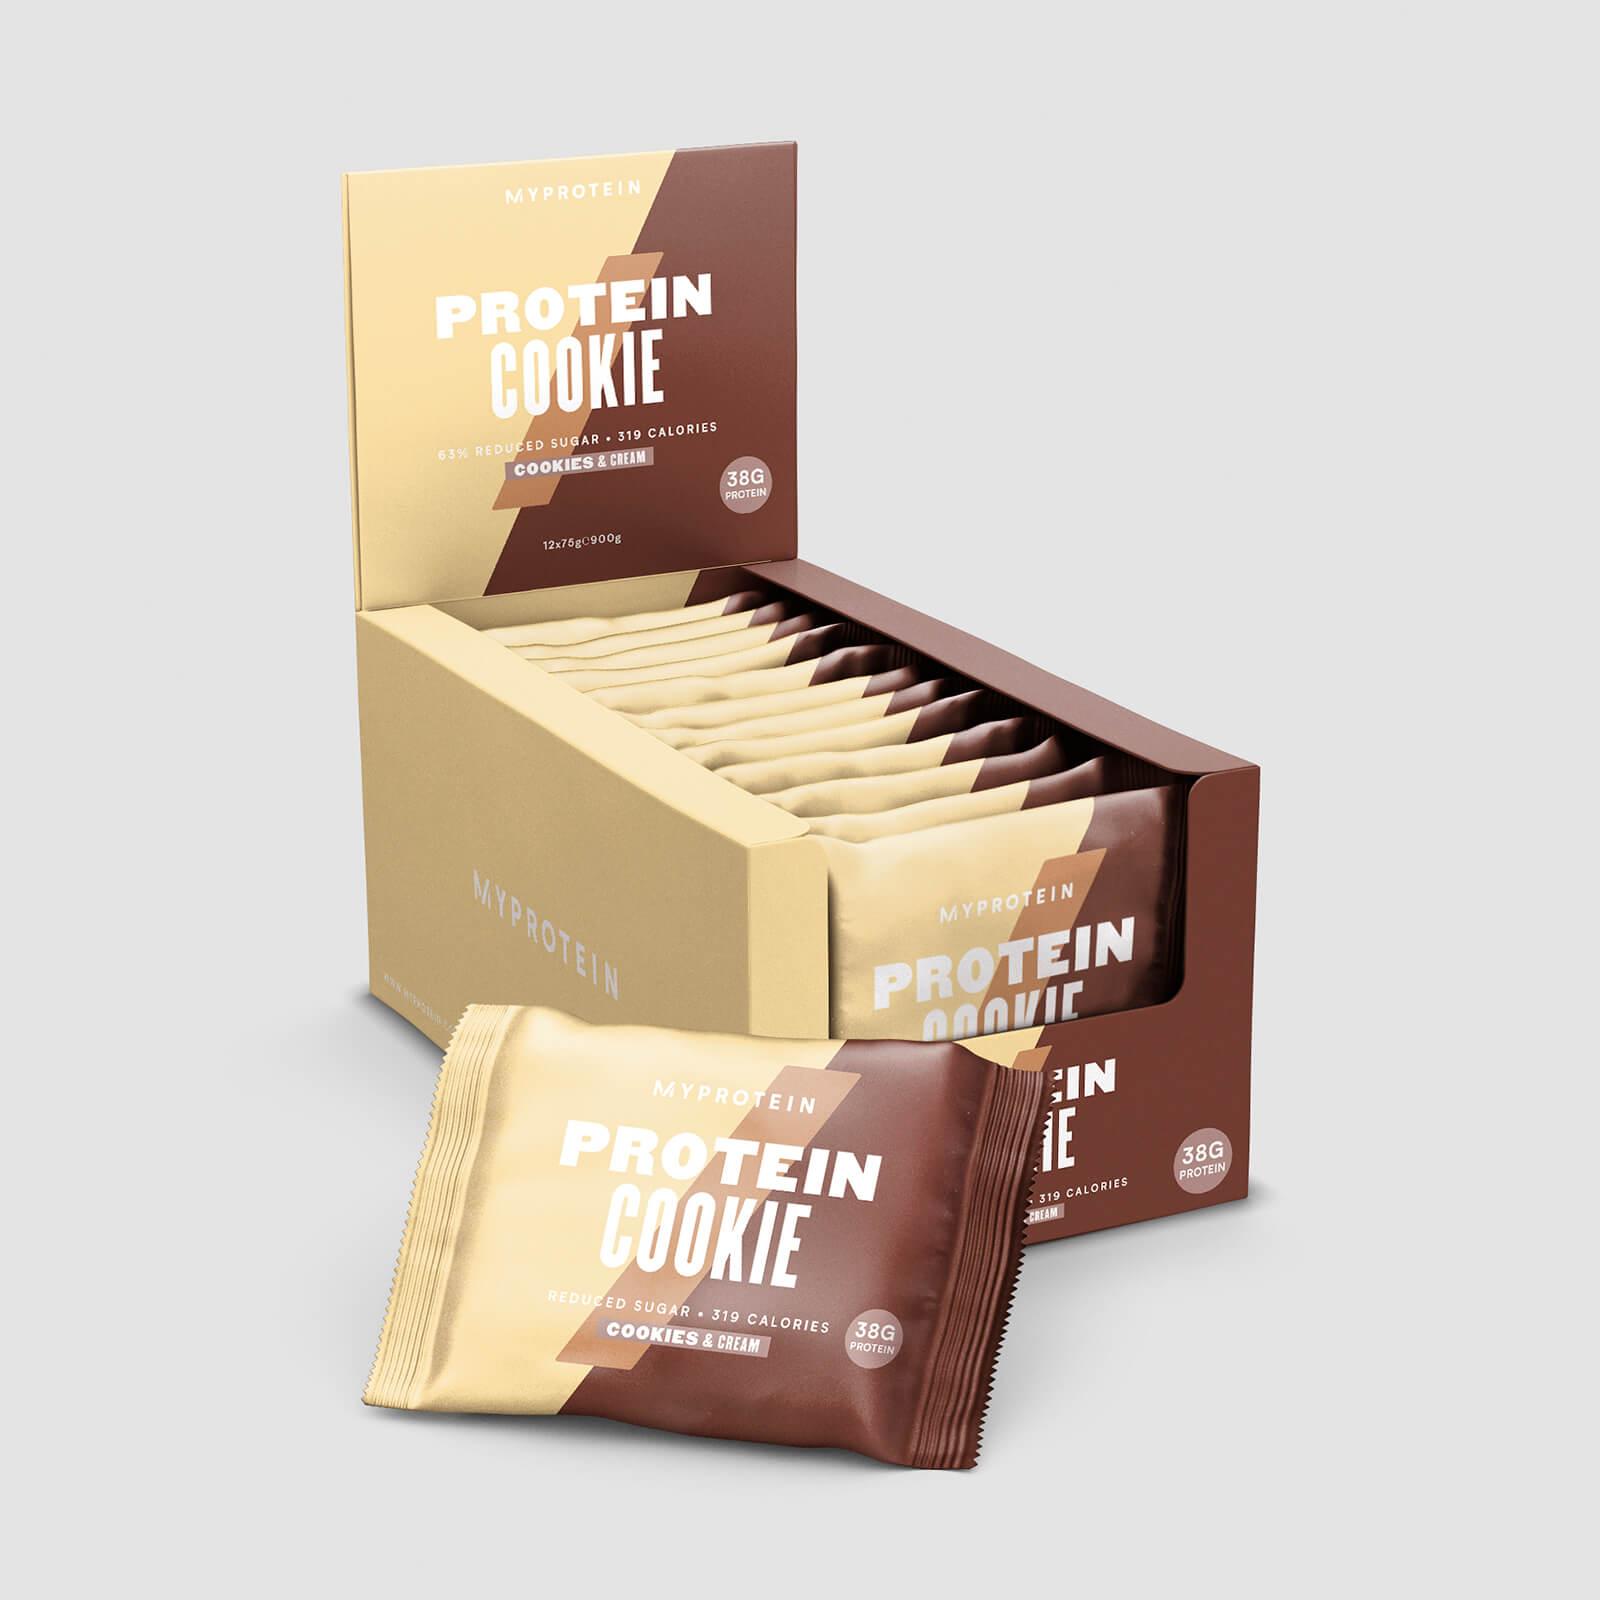 Cookie Protéiné - Cookies et Crême